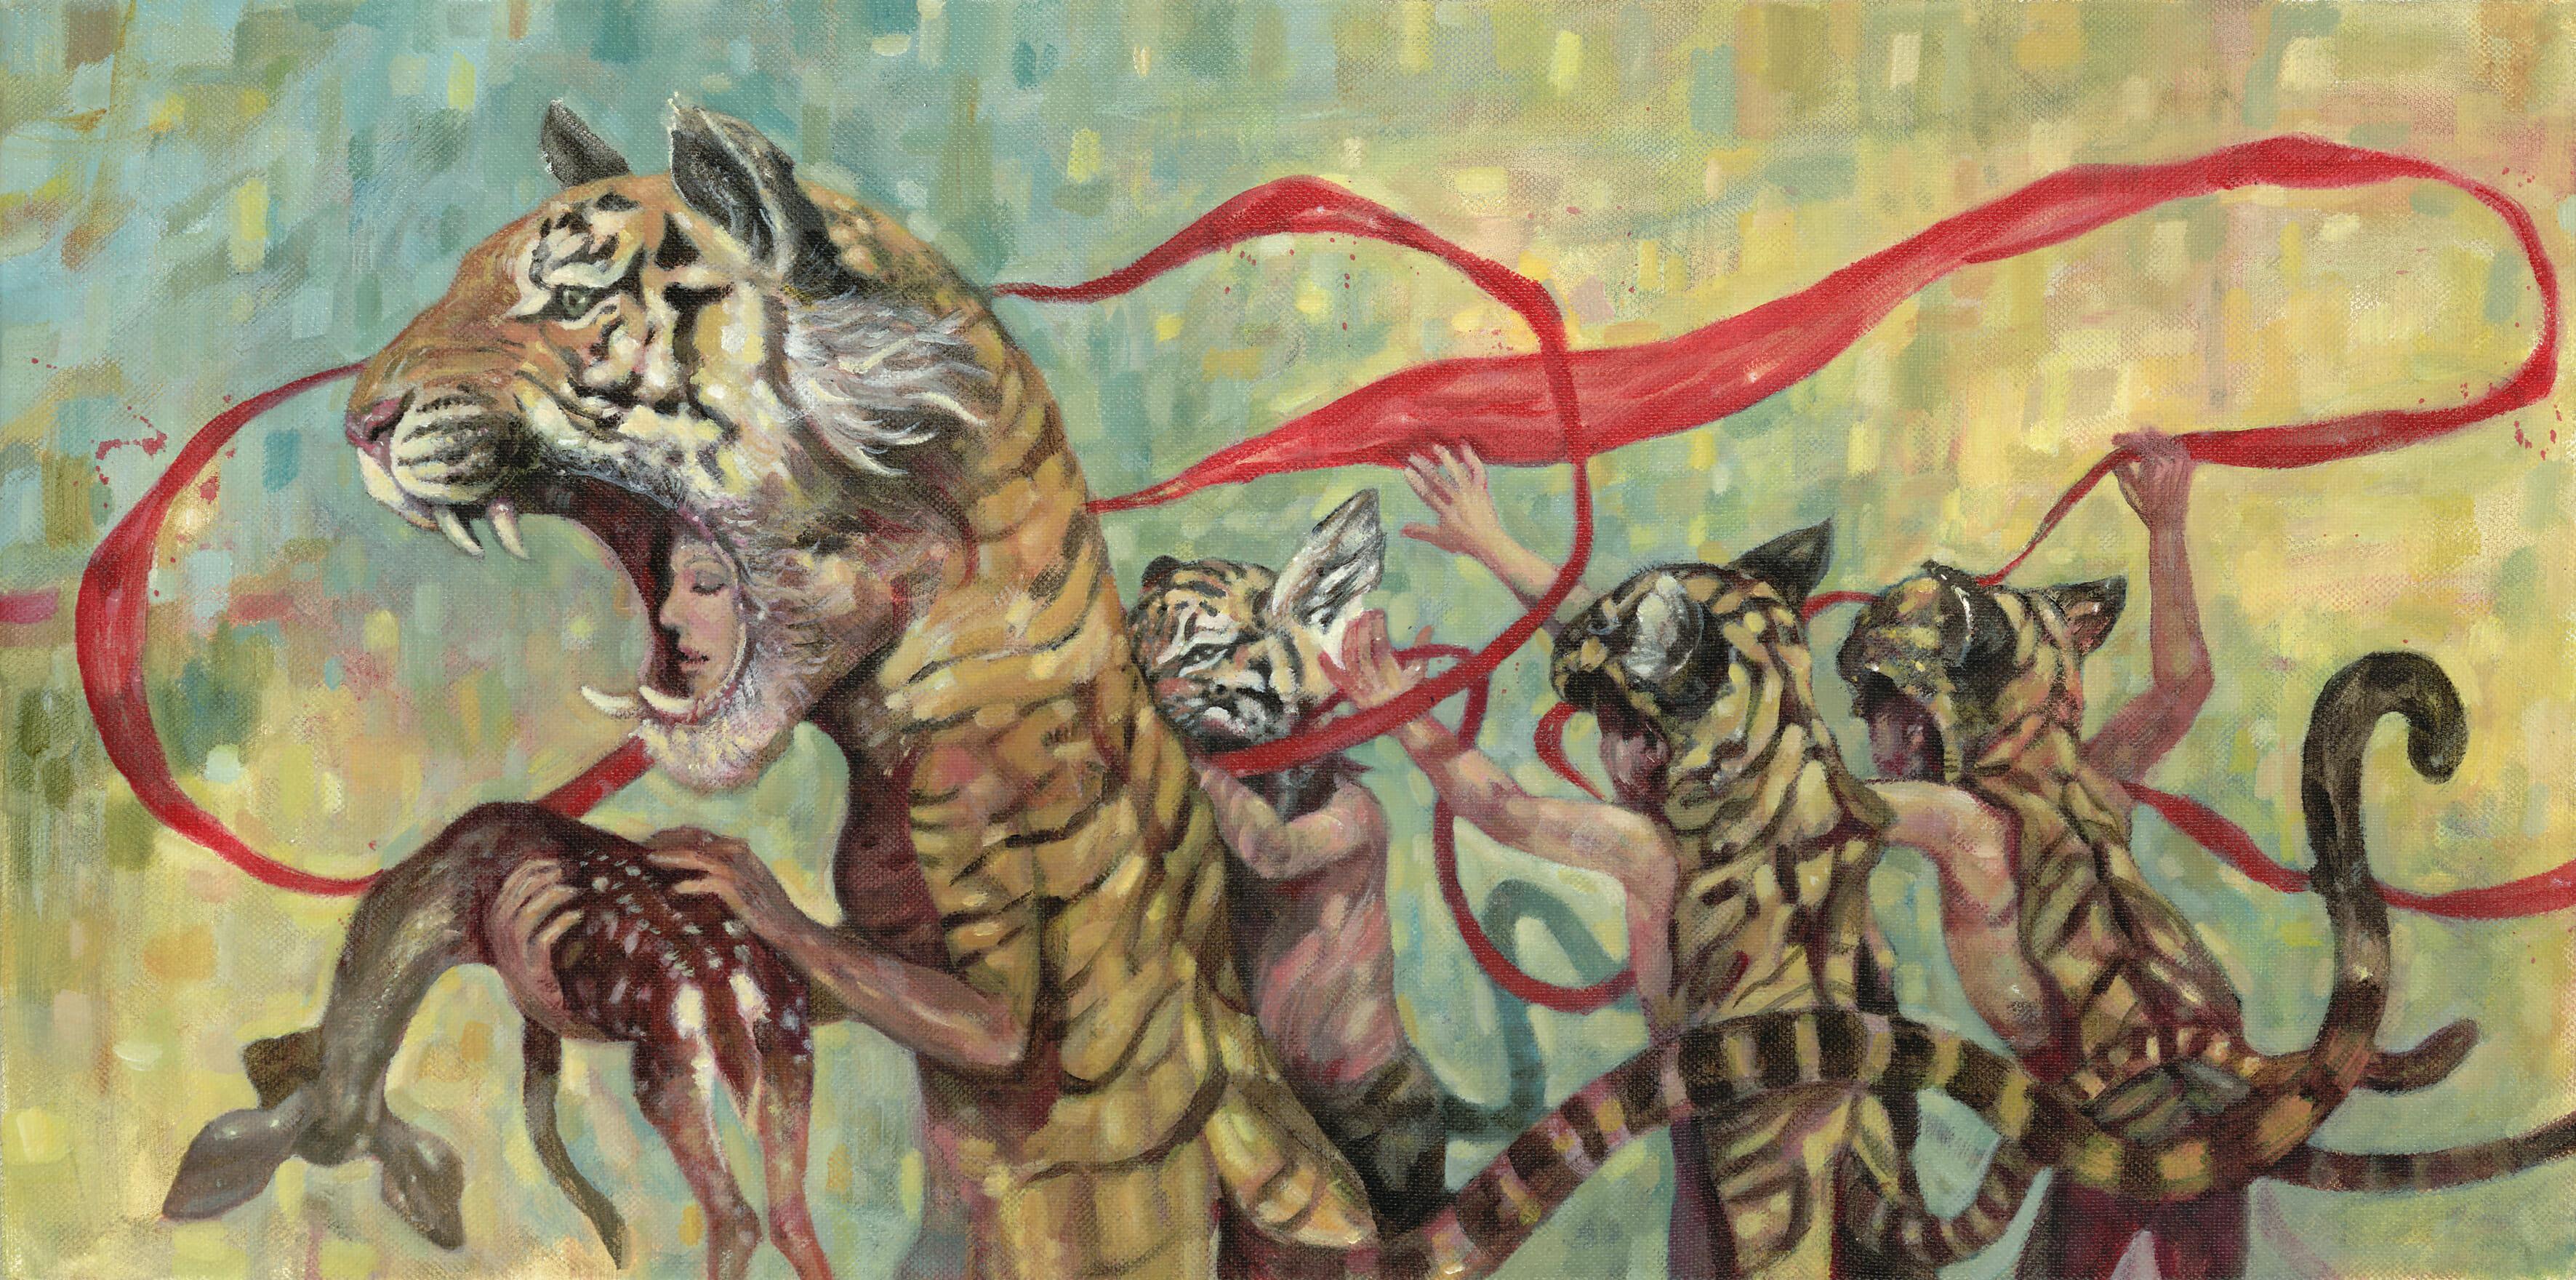 Tiger_Mother_Tim_Lane_Beautiful_Bizarre